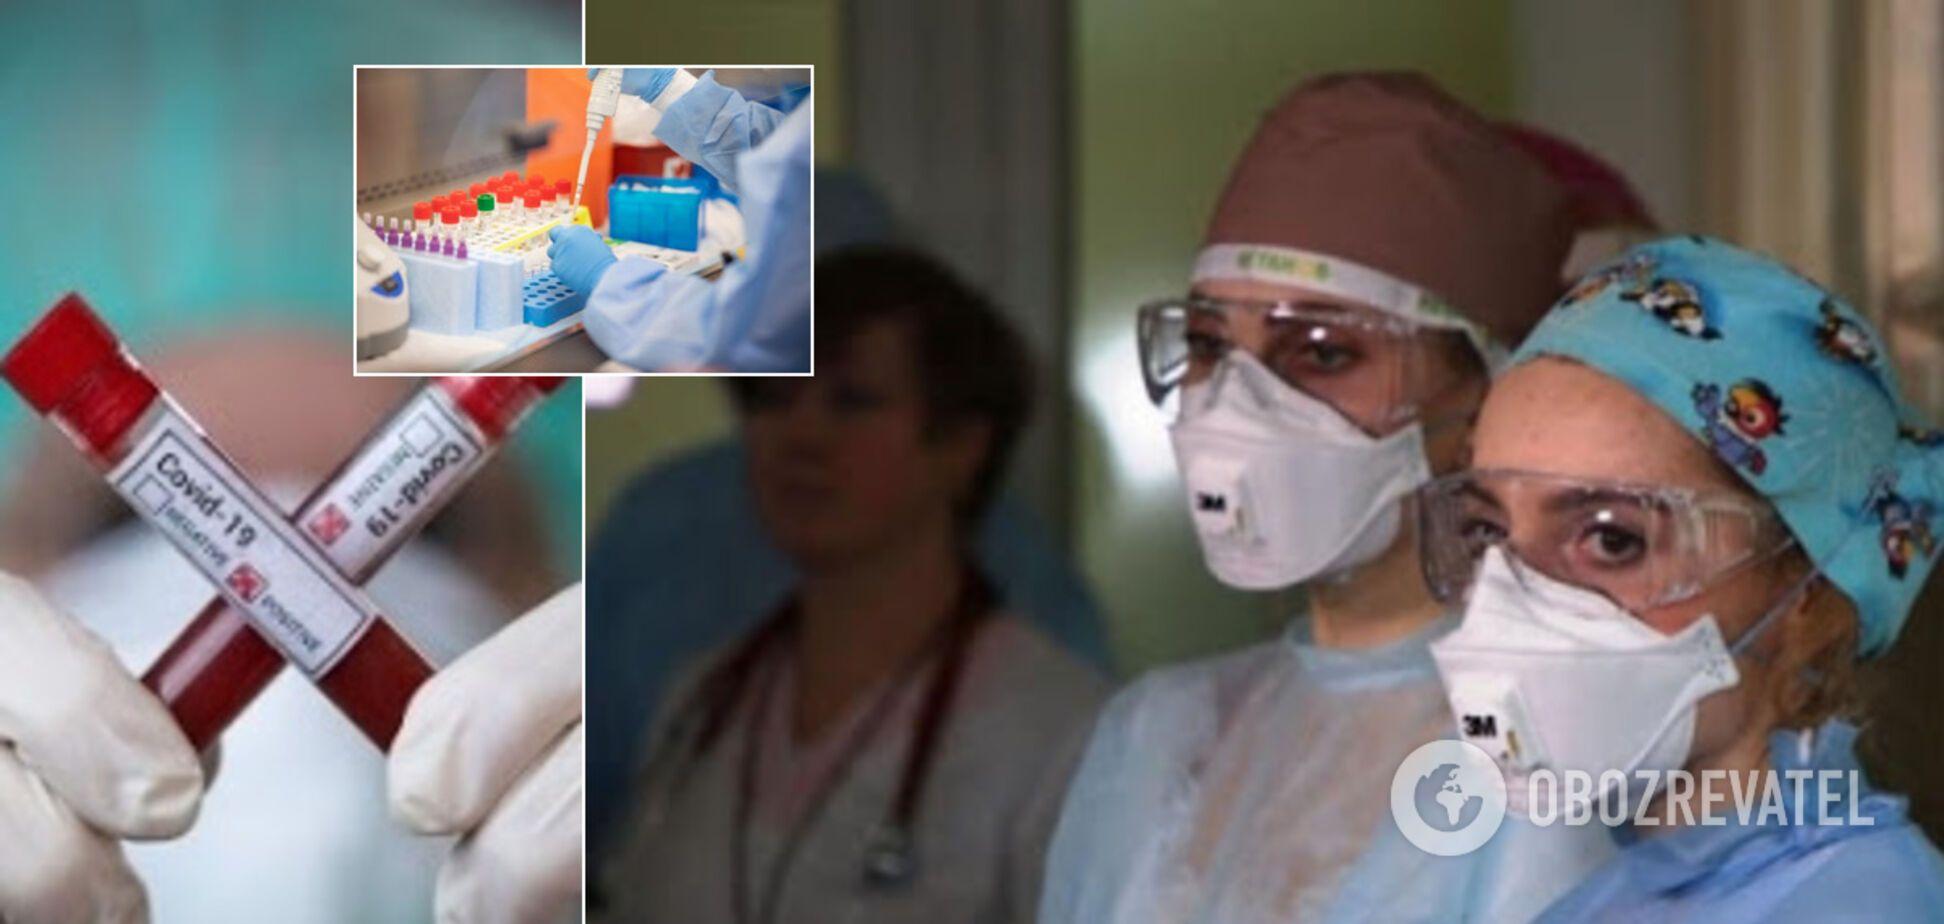 Медики Львова первыми в Украине прошли ИФА-тестирование на коронавирус: известны результаты